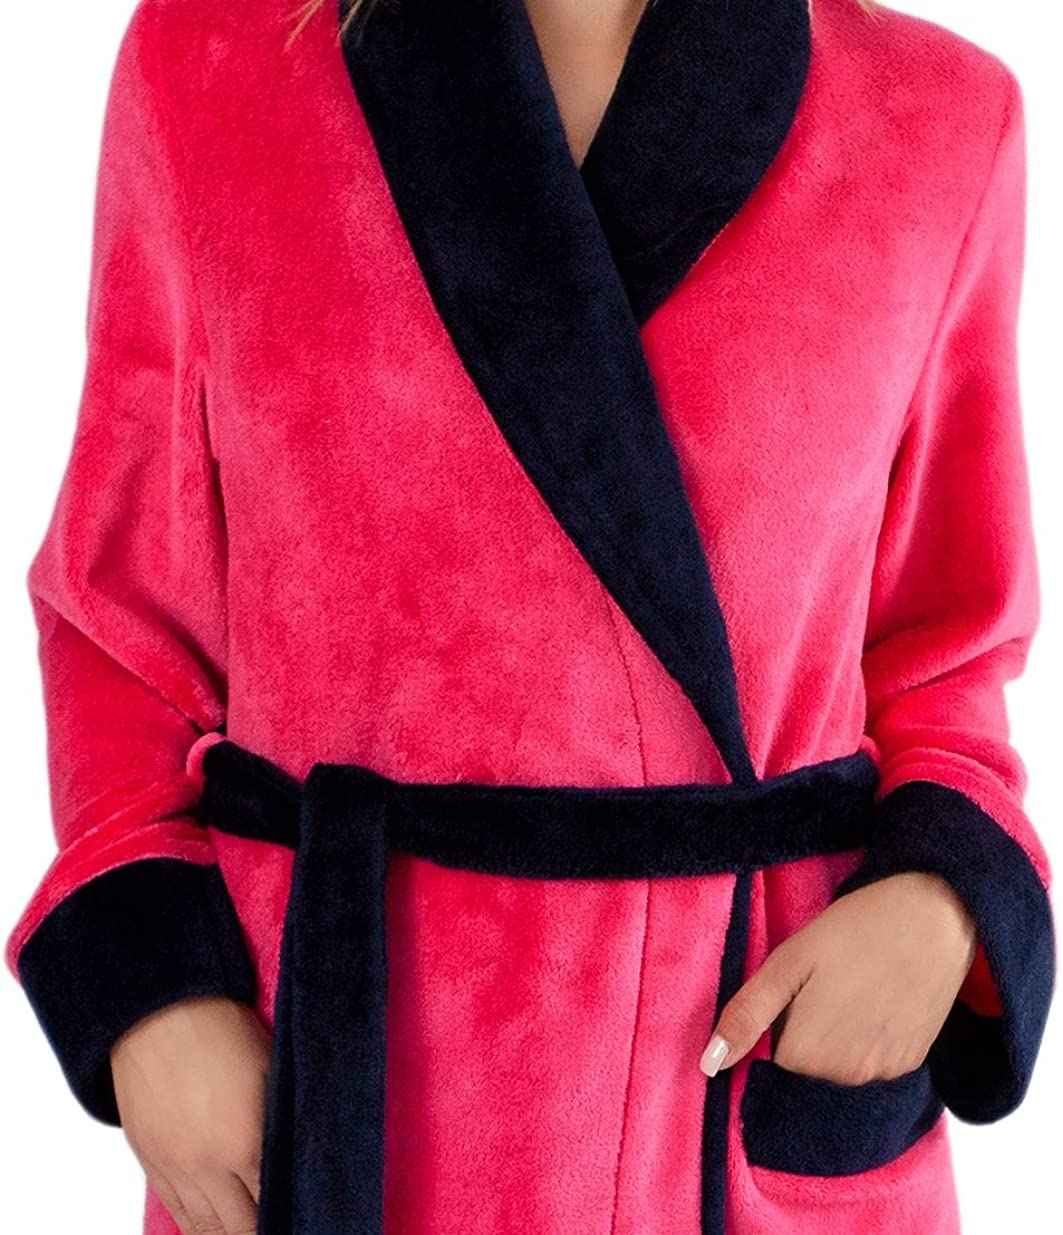 LEVERIE klassischer und kuschelweicher Damen-Bademantel/Morgenmantel/Saunamantel mit Bindegürtel, Taschen und Kapuze oder Reverskragen Modell 3 Pink/Dunkelblau